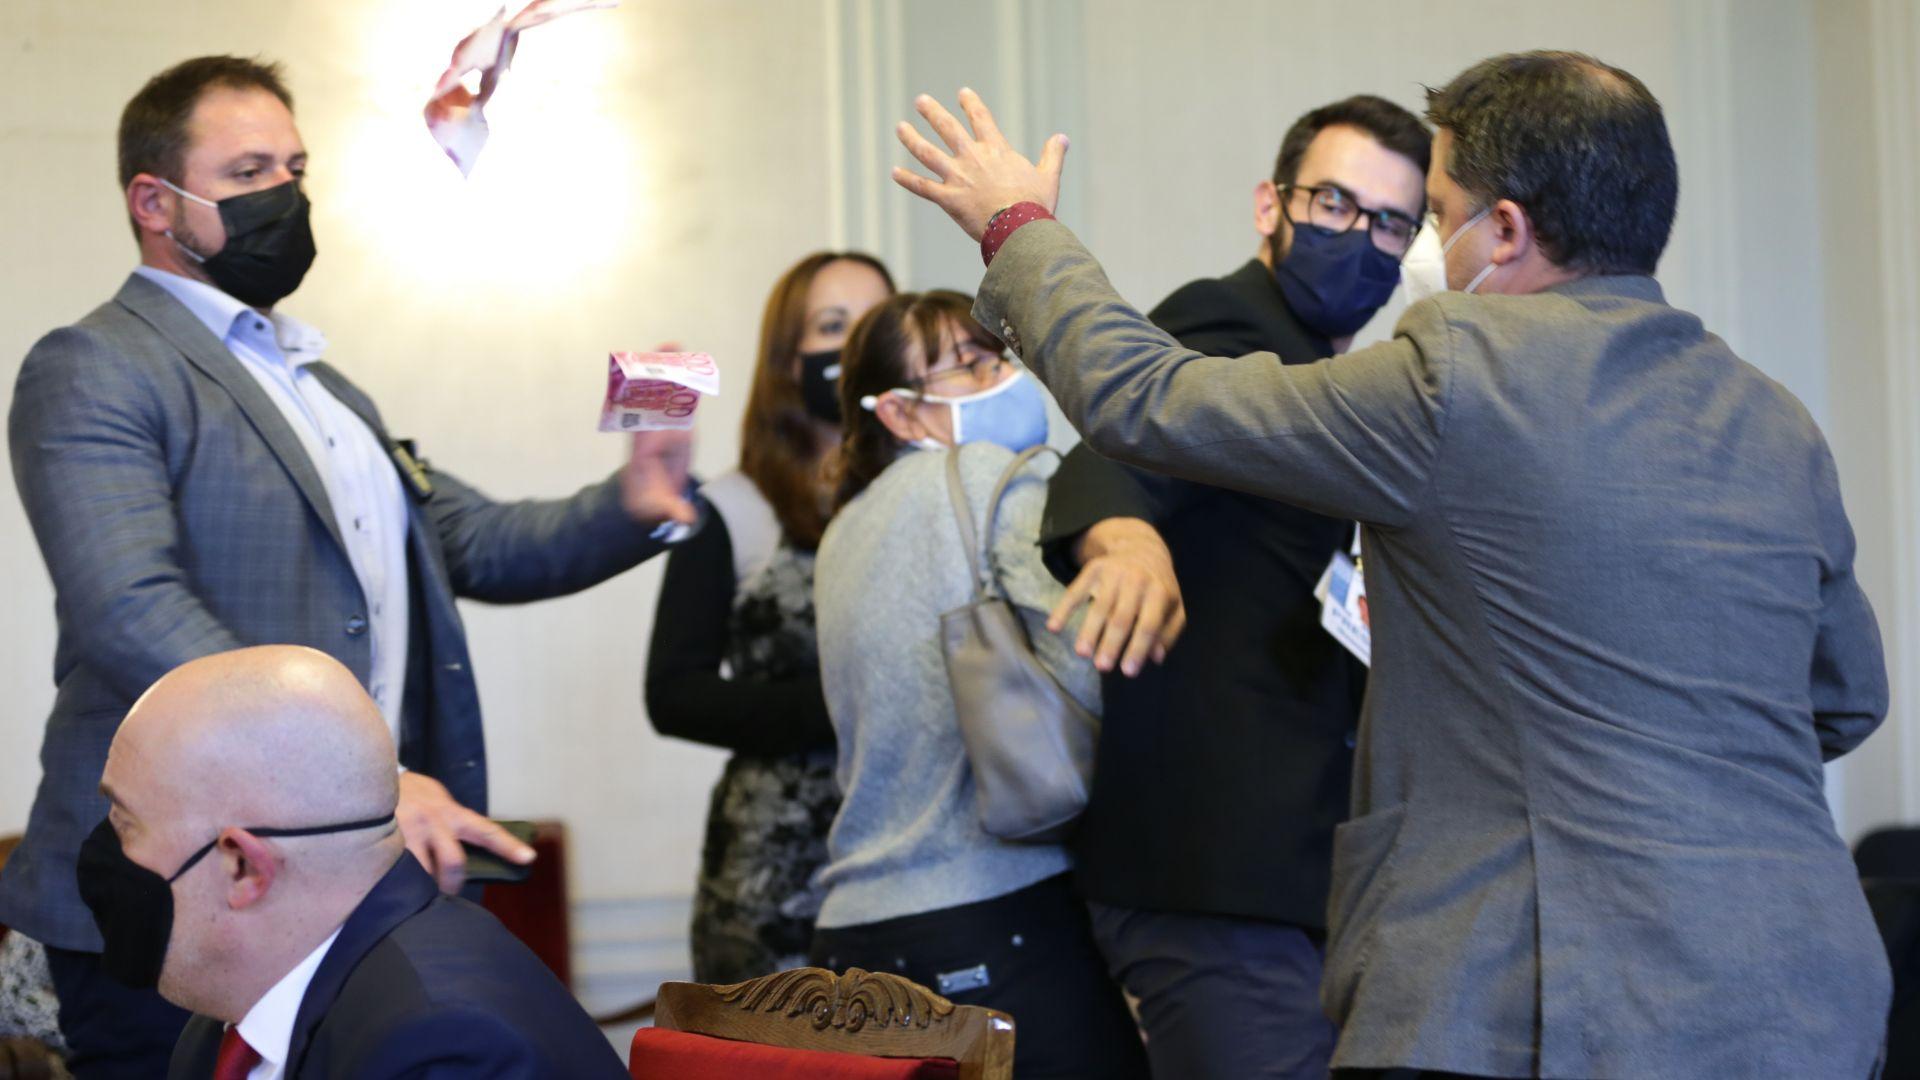 Мъж замери главния прокурор с фалшиви банкноти, изведоха го от парламента